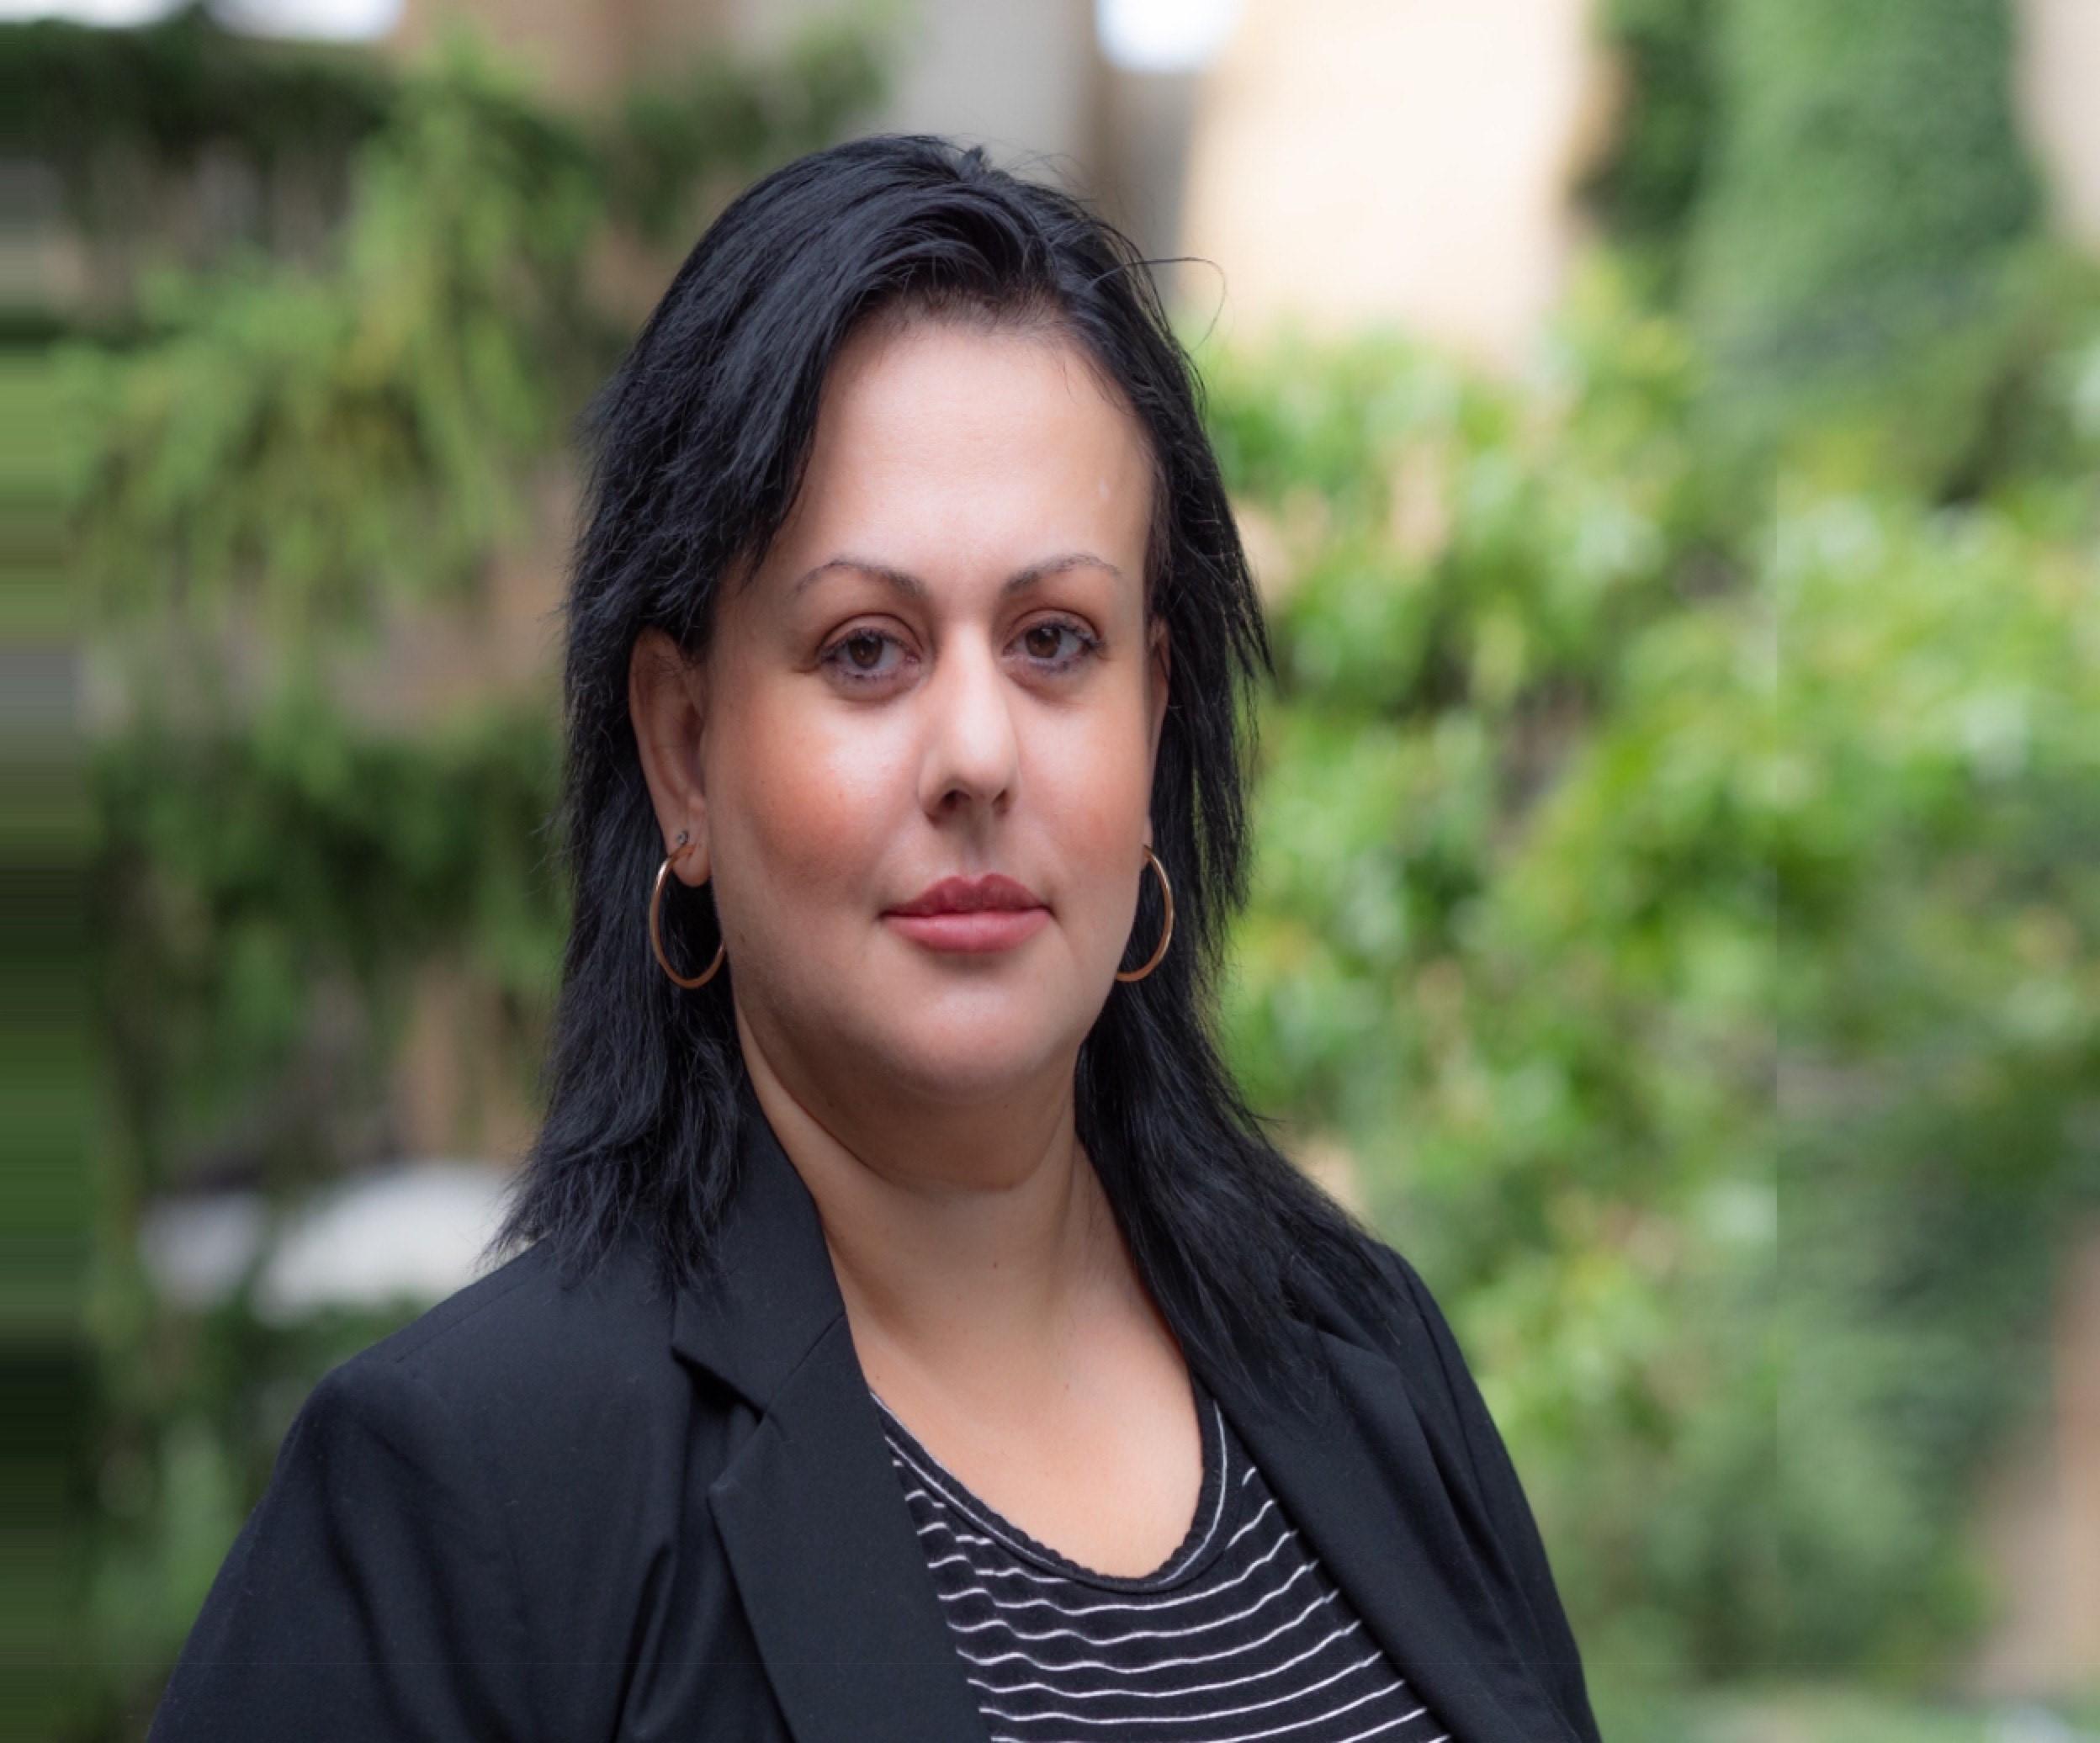 Avgi-Maria Atmatzidou